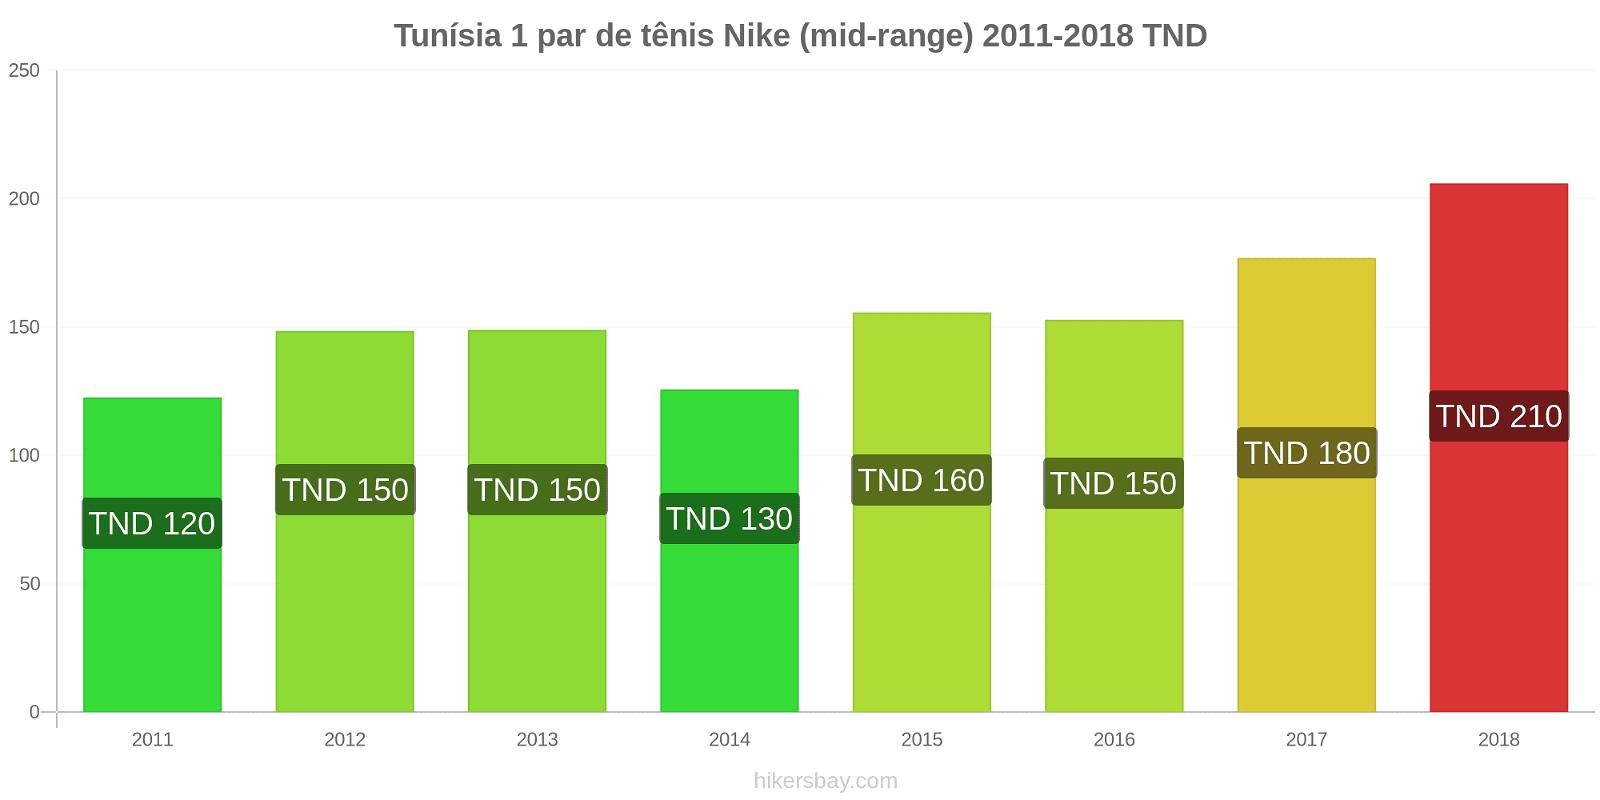 Tunísia variação de preço 1 par de tênis Nike (mid-range) hikersbay.com